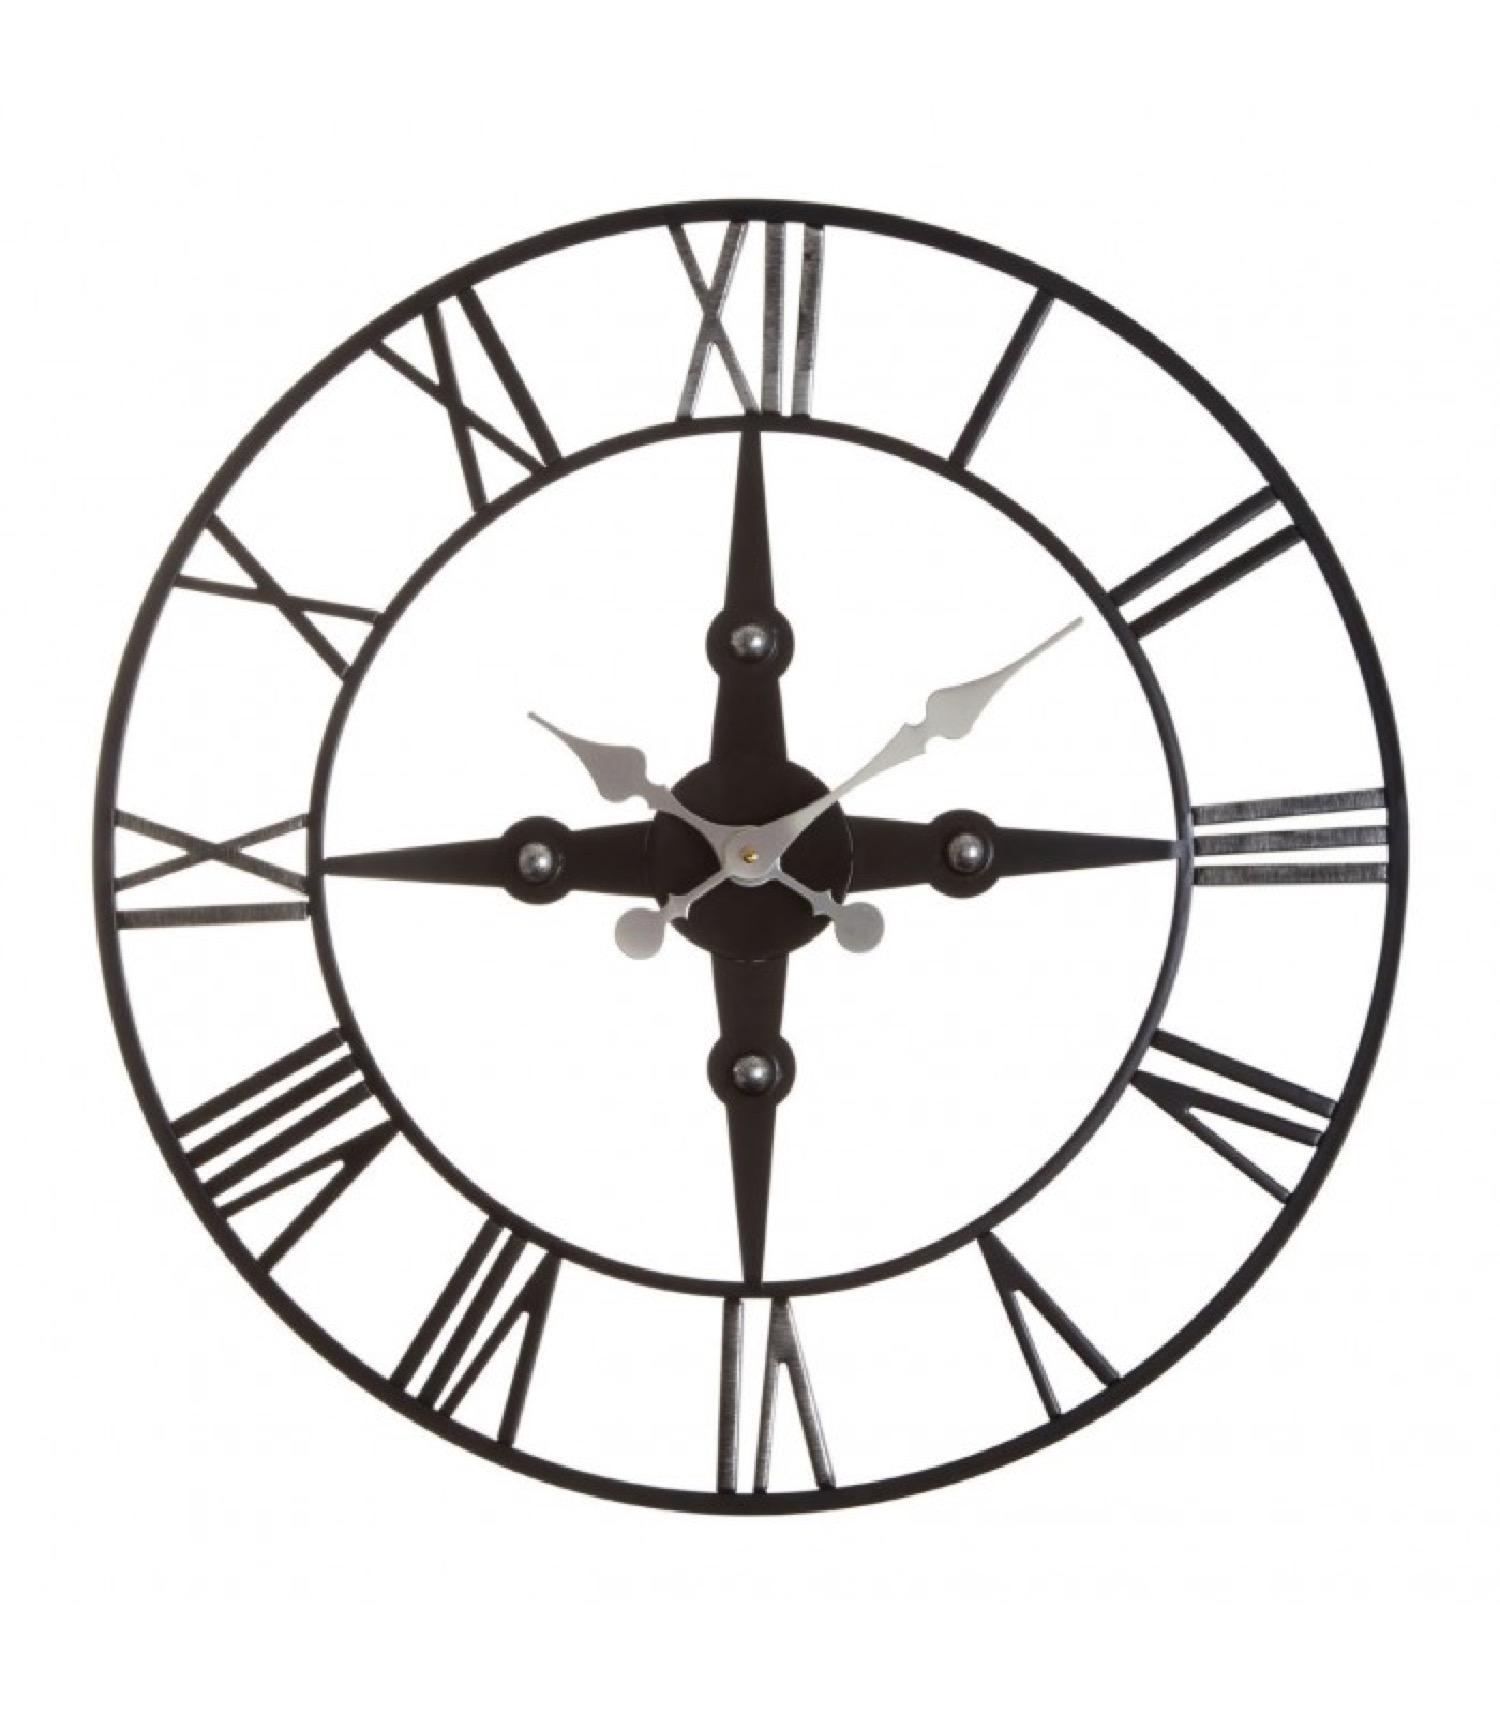 Horloge murale chiffres romains fer forgé noir D59